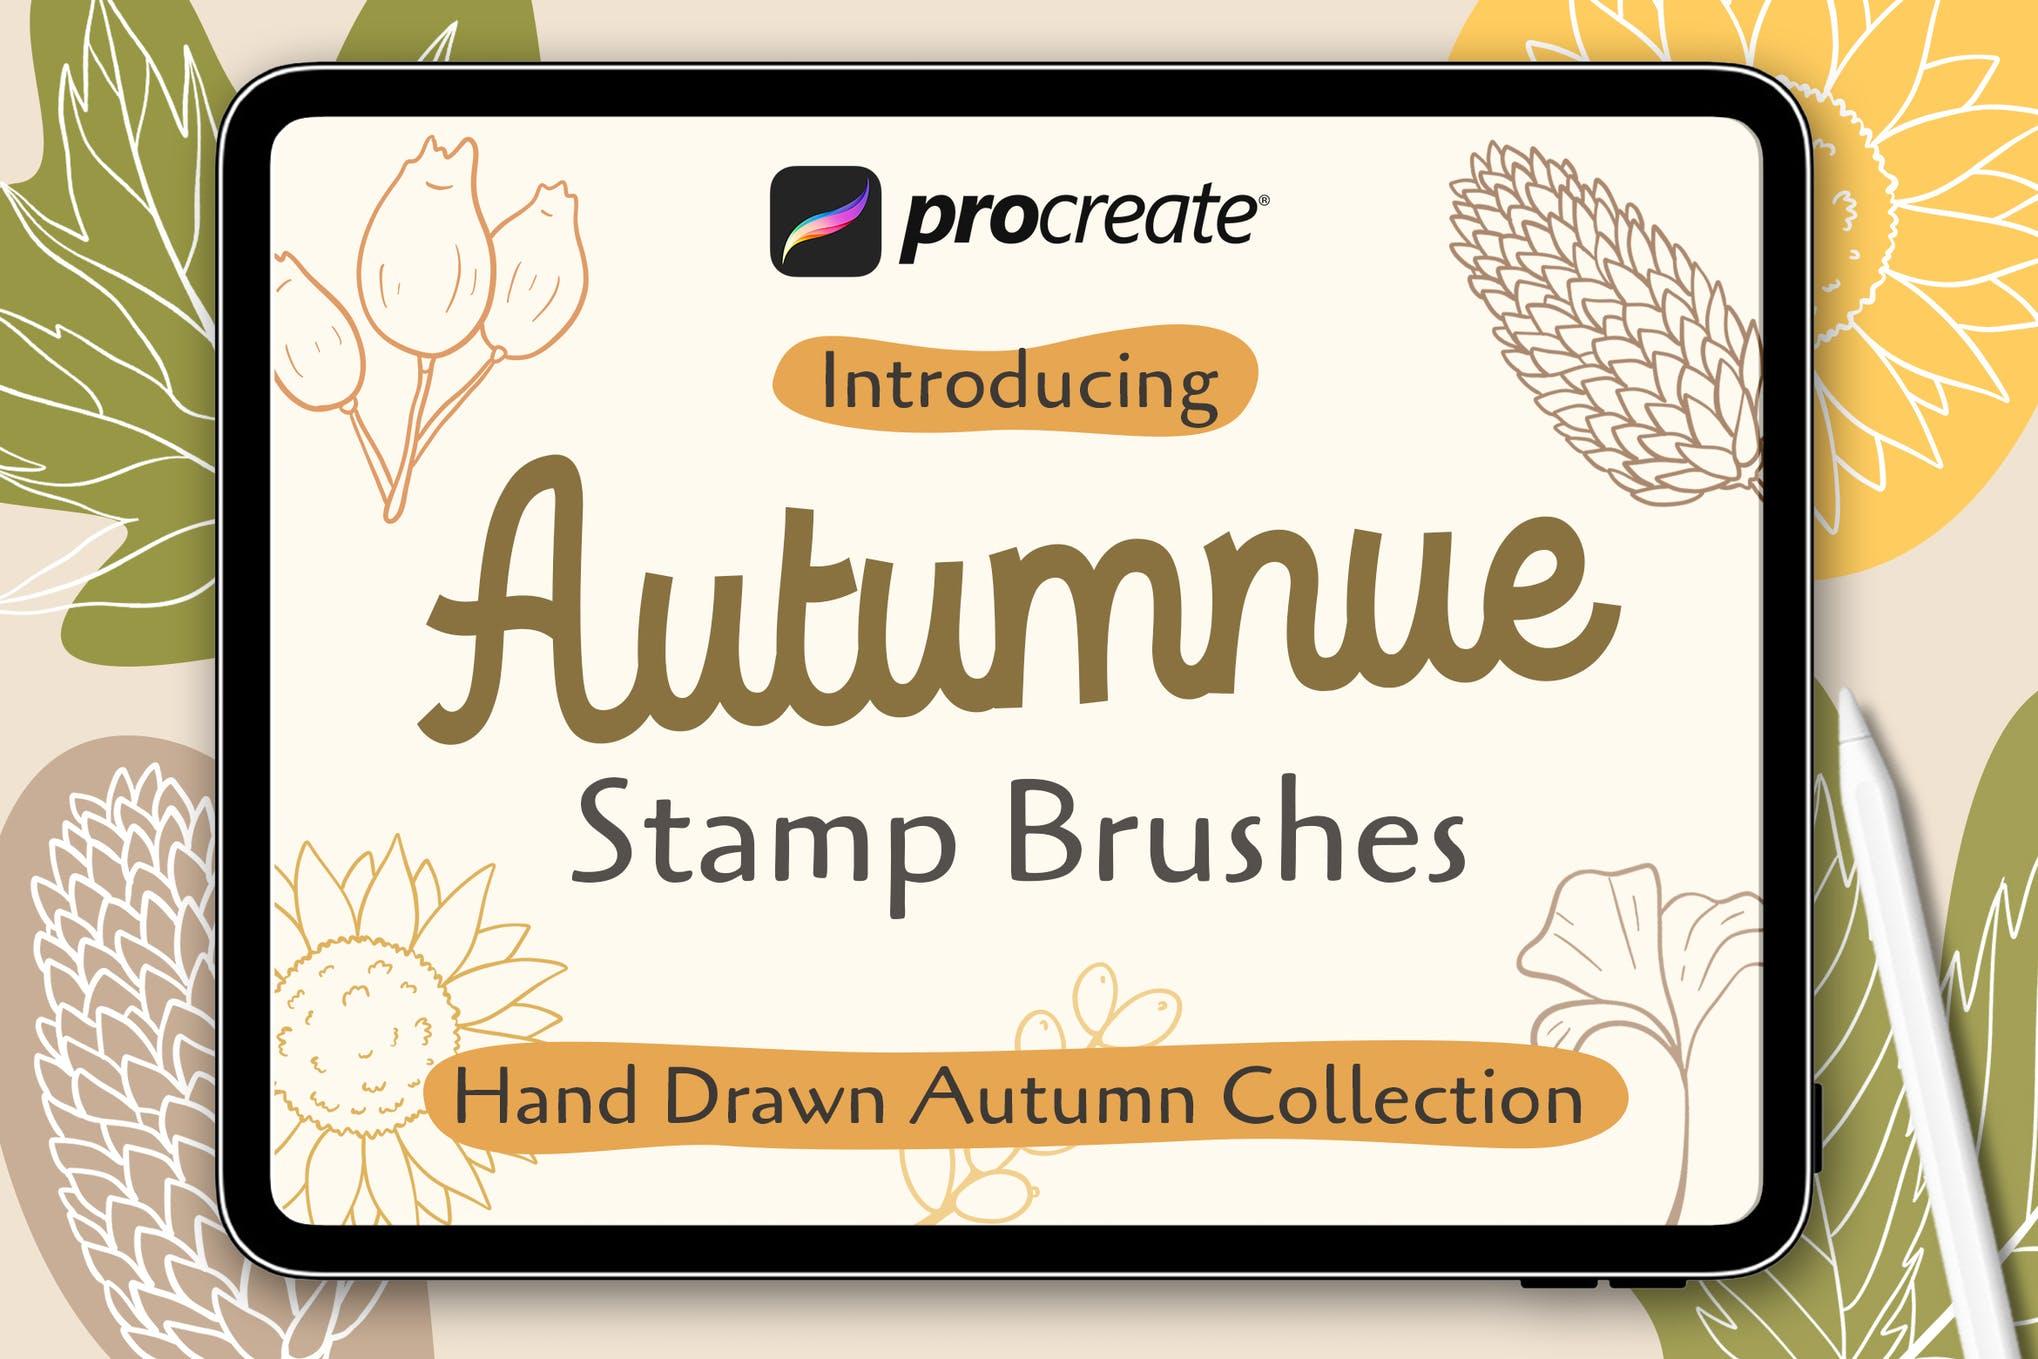 Procreate shape brushes